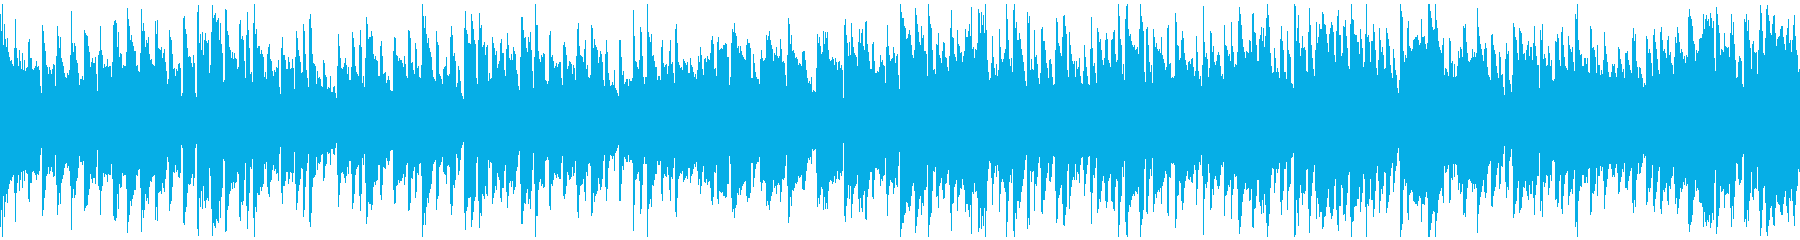 青春系リコーダー・ポップス ※ループ版の再生済みの波形